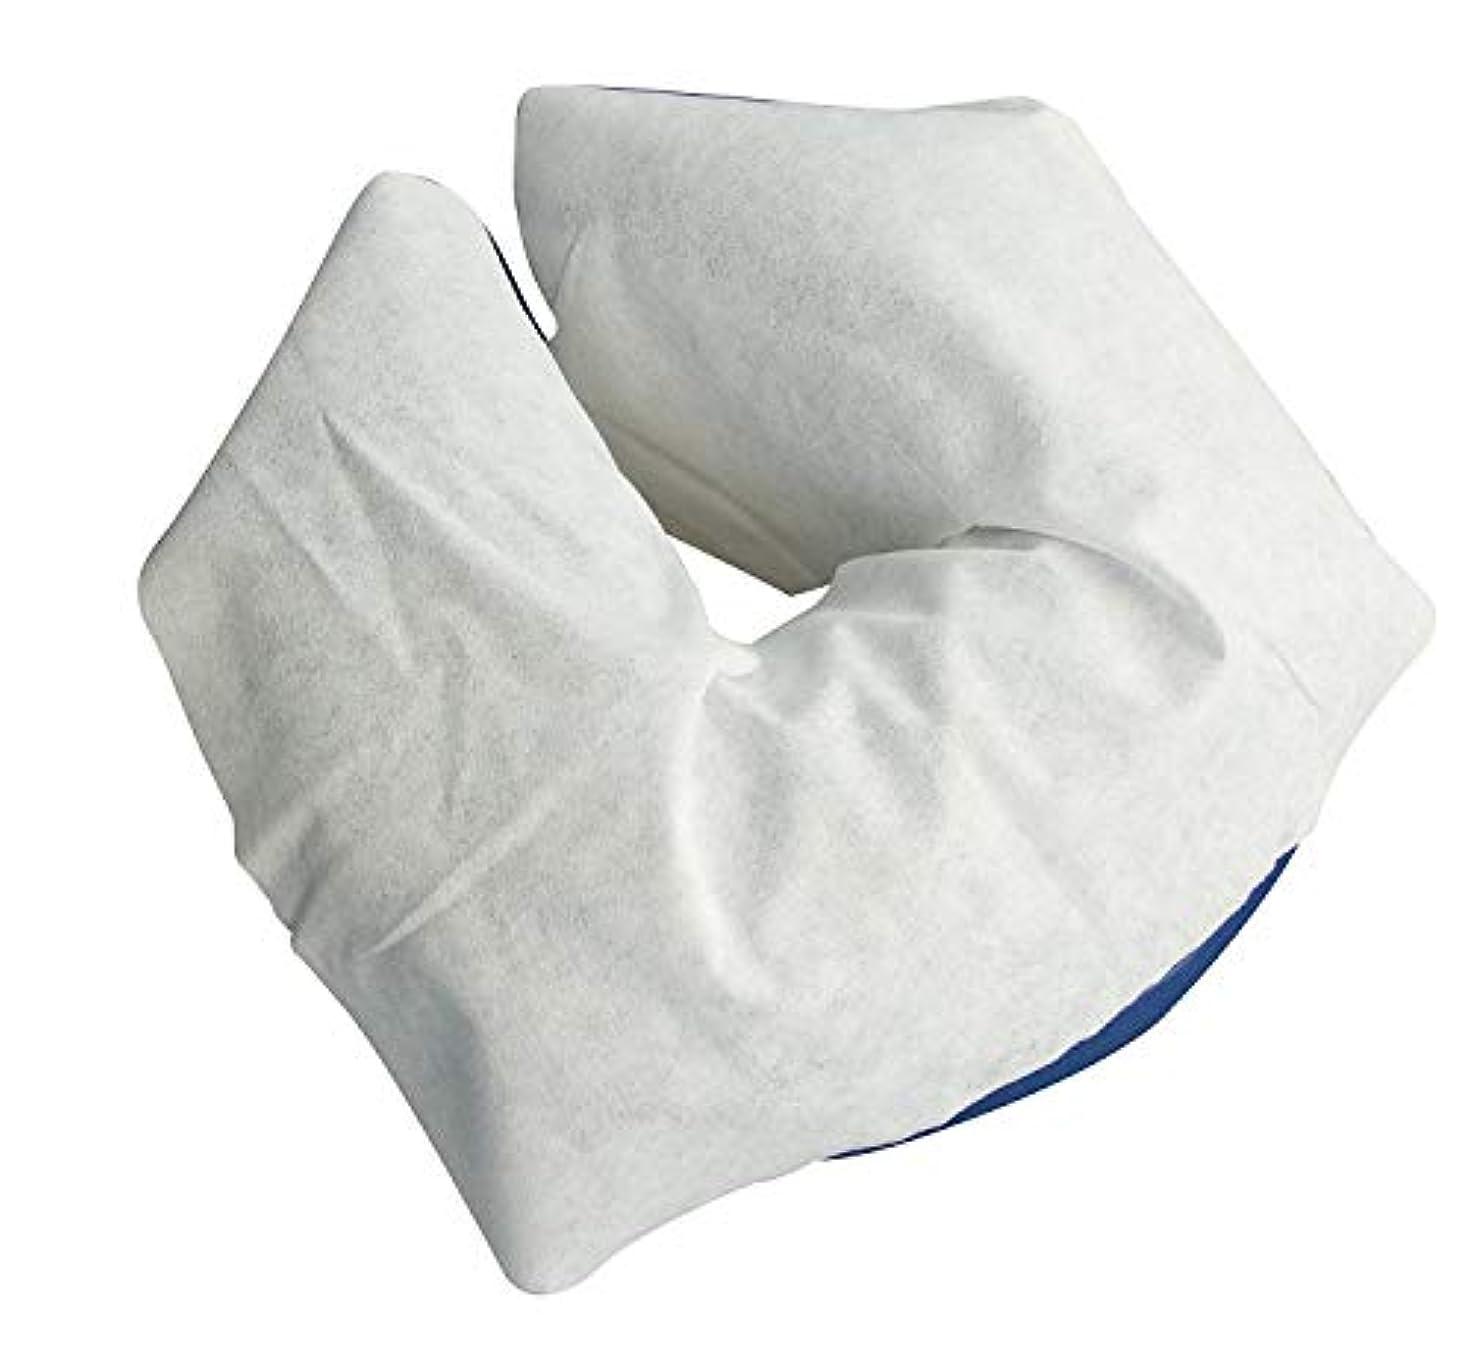 ガラガラ軍隊工場Umora U字 ピローシート 使い捨てマクラカバー 業務用 美容 サロン 100%綿 柔軟 厚手(100枚)